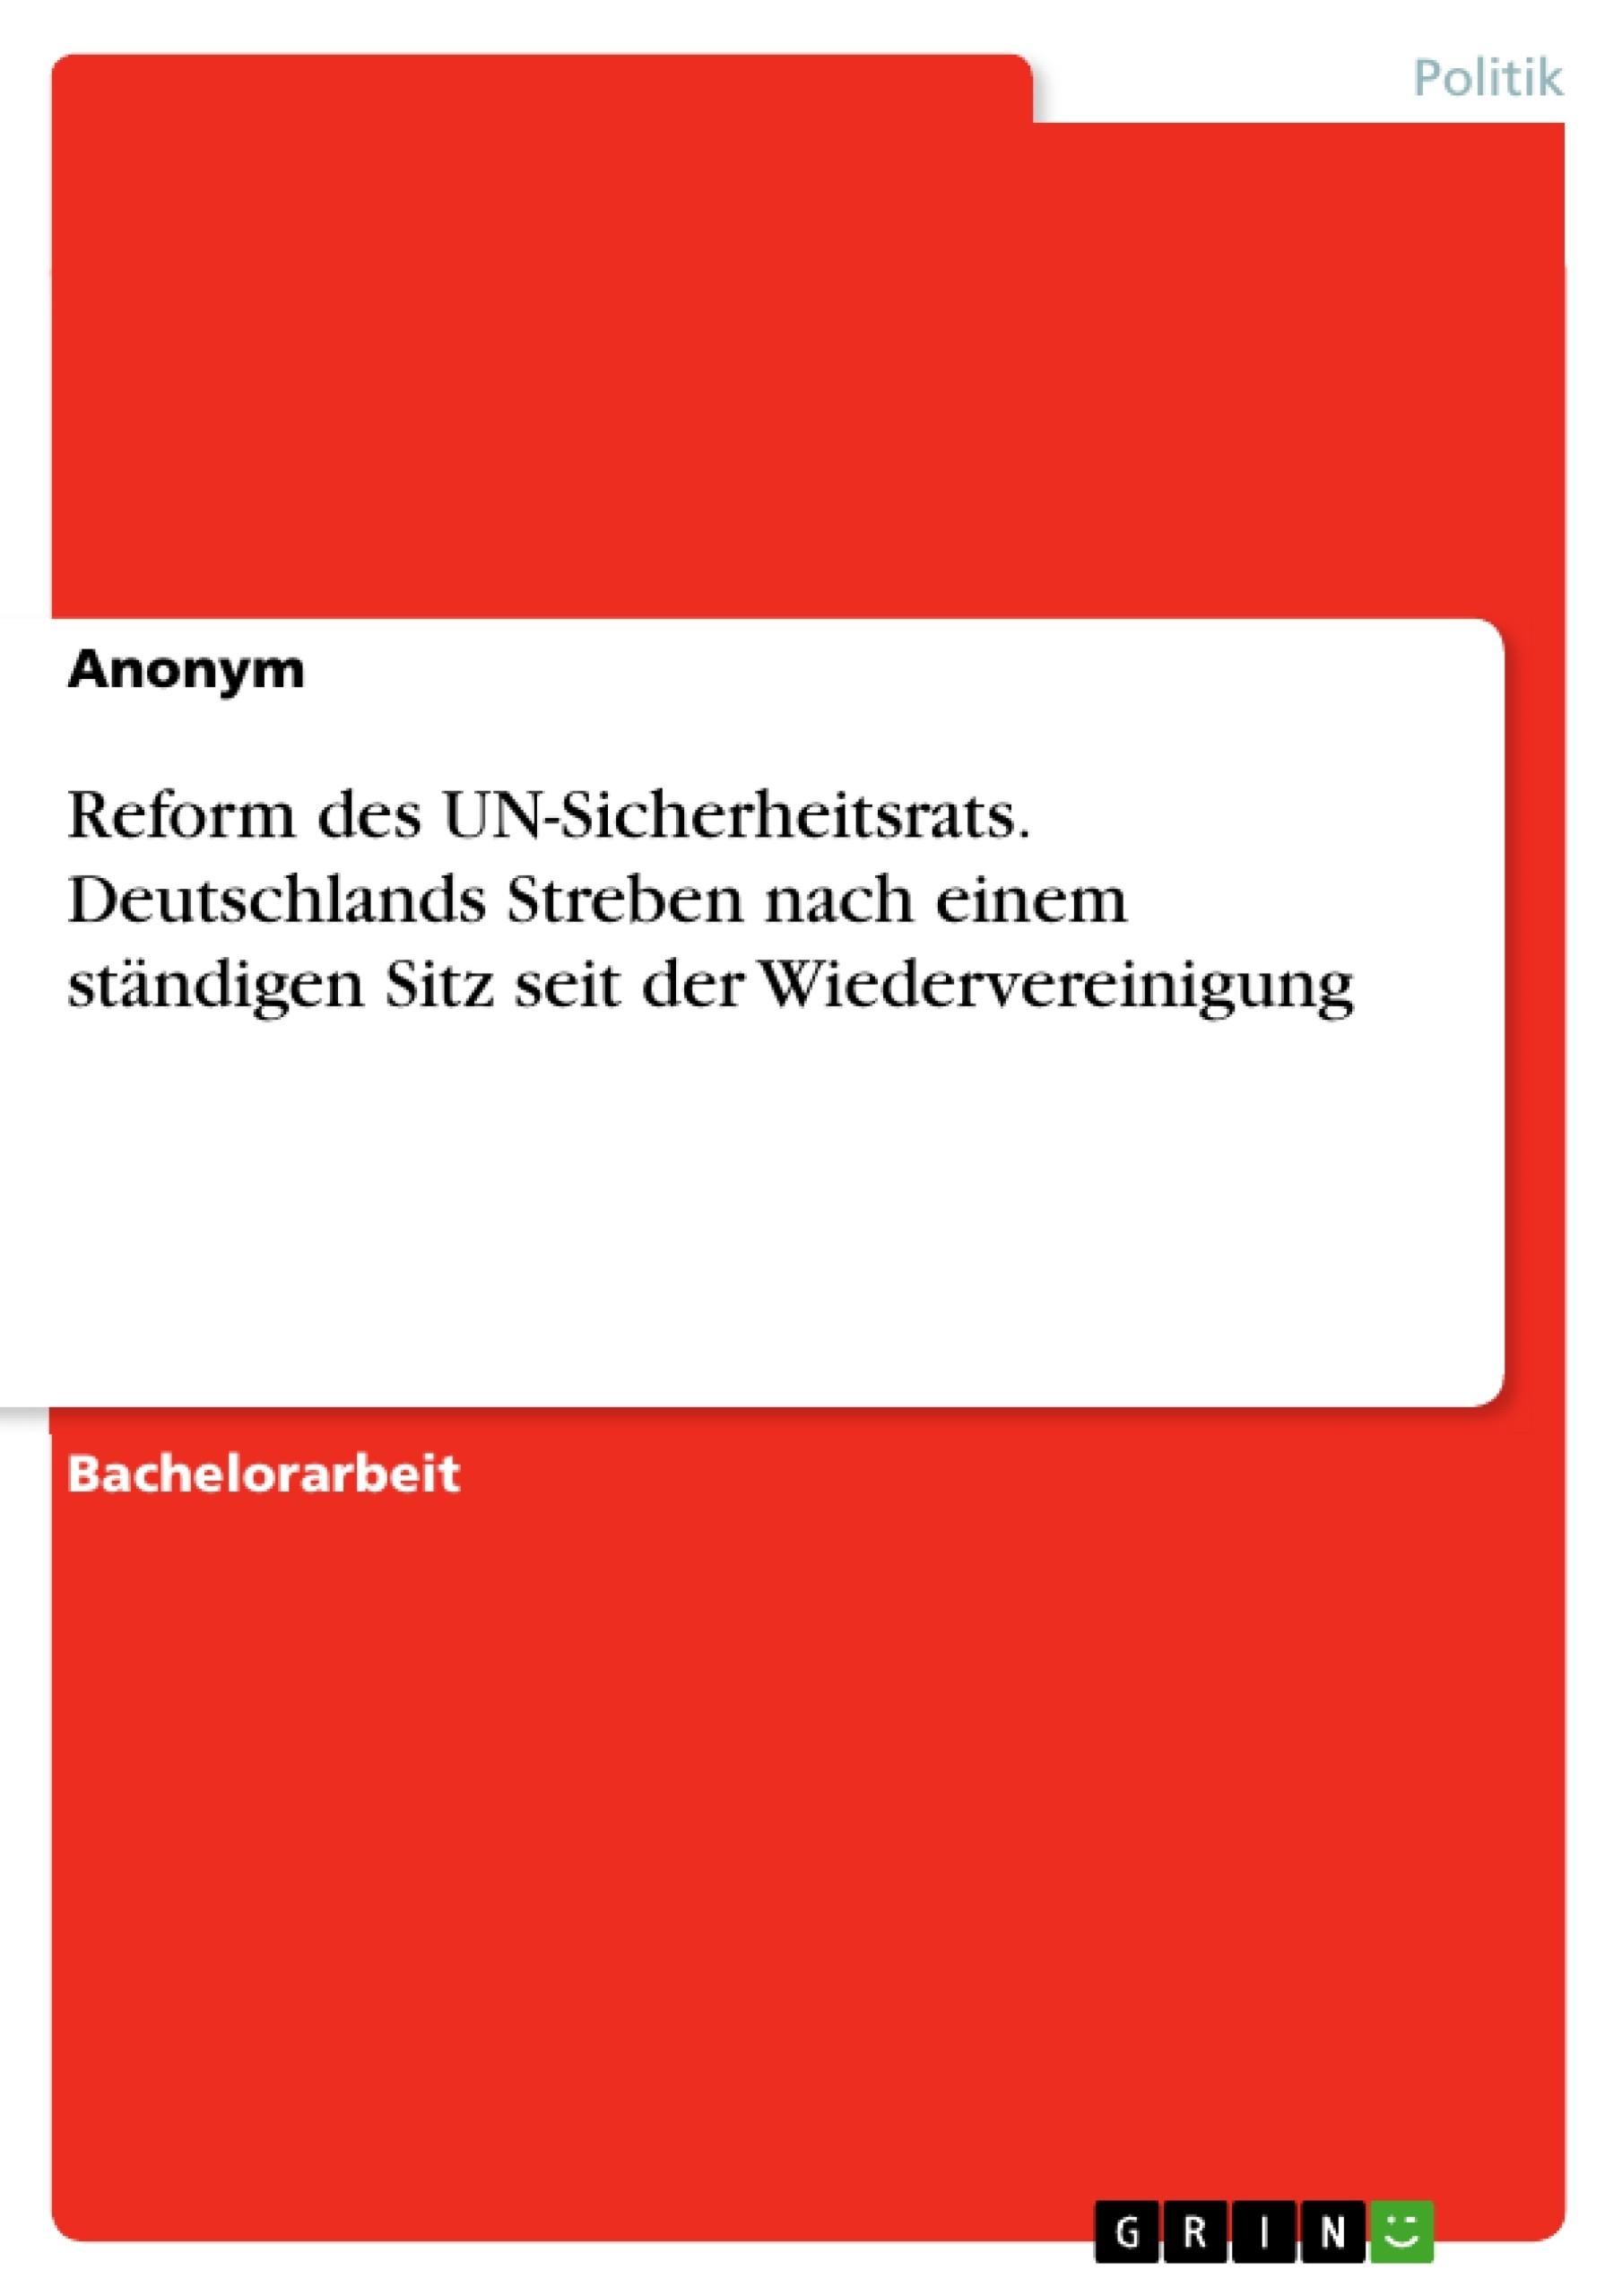 Titel: Reform des UN-Sicherheitsrats. Deutschlands Streben nach einem ständigen Sitz seit der Wiedervereinigung